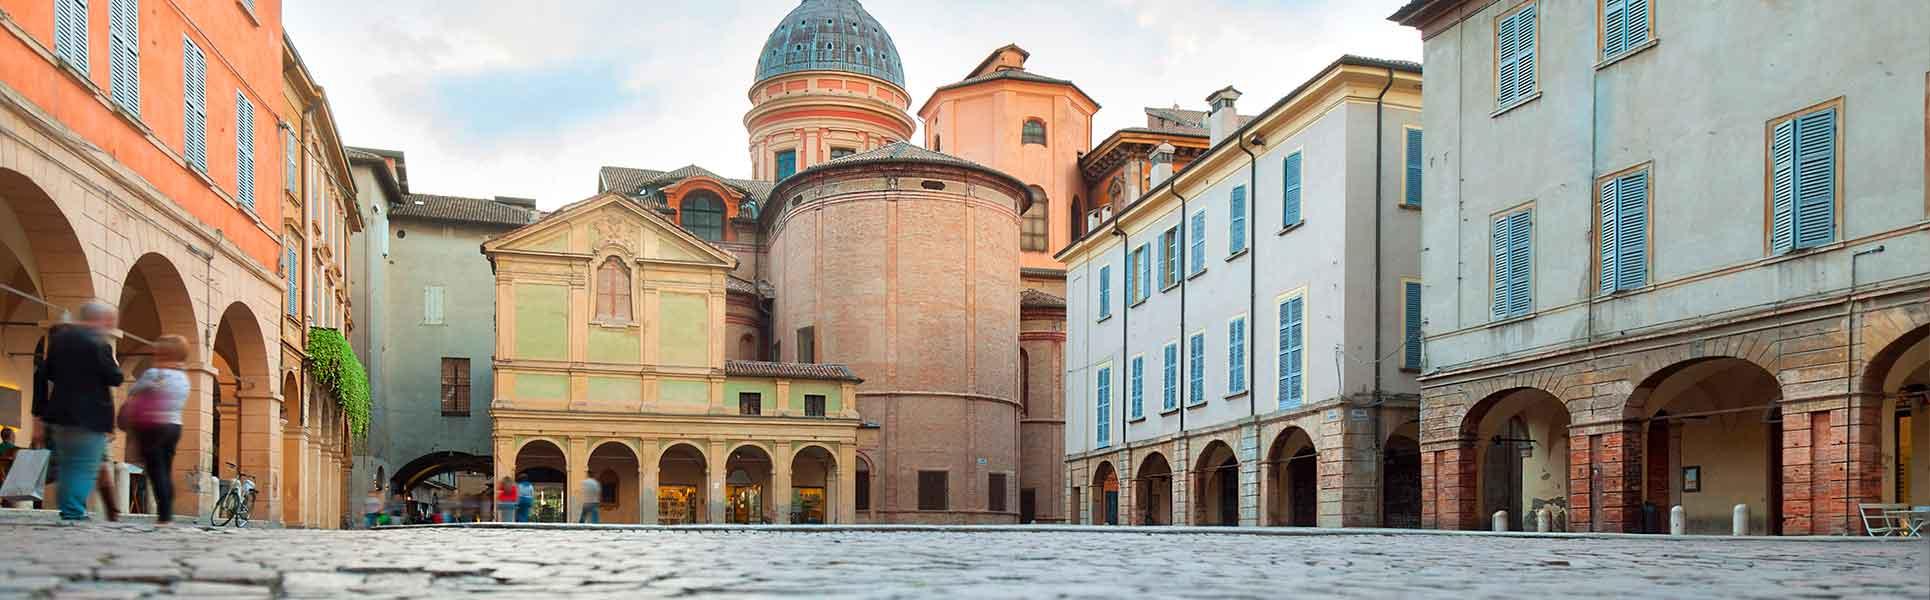 Consolidamento Fondazionia Reggio Emilia